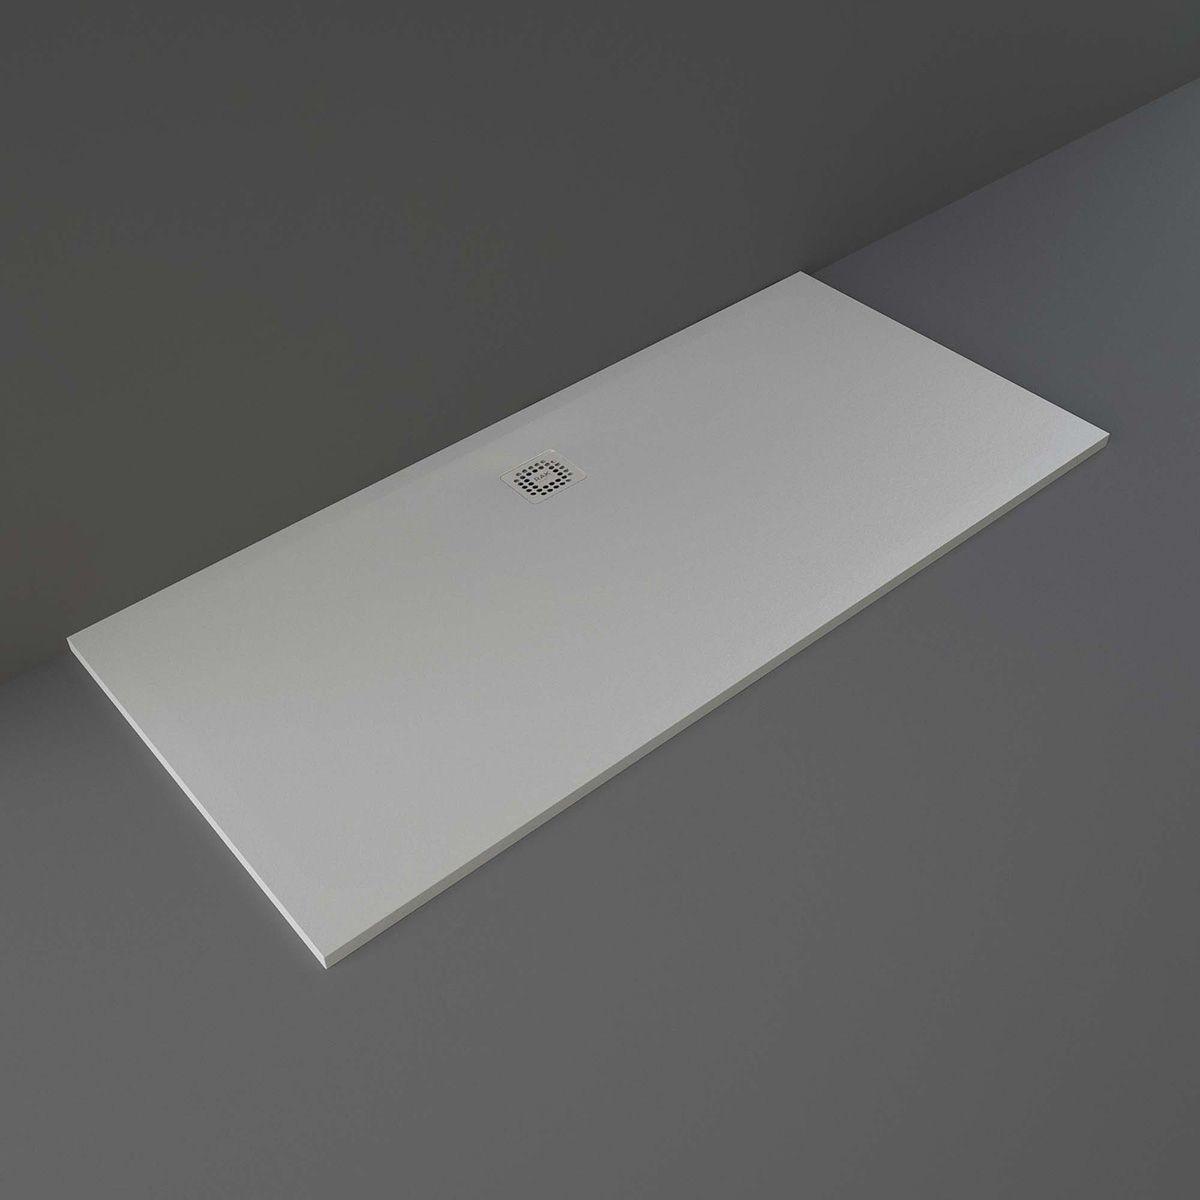 RAK Feeling Grey Rectangular Shower Tray 1800 x 800mm